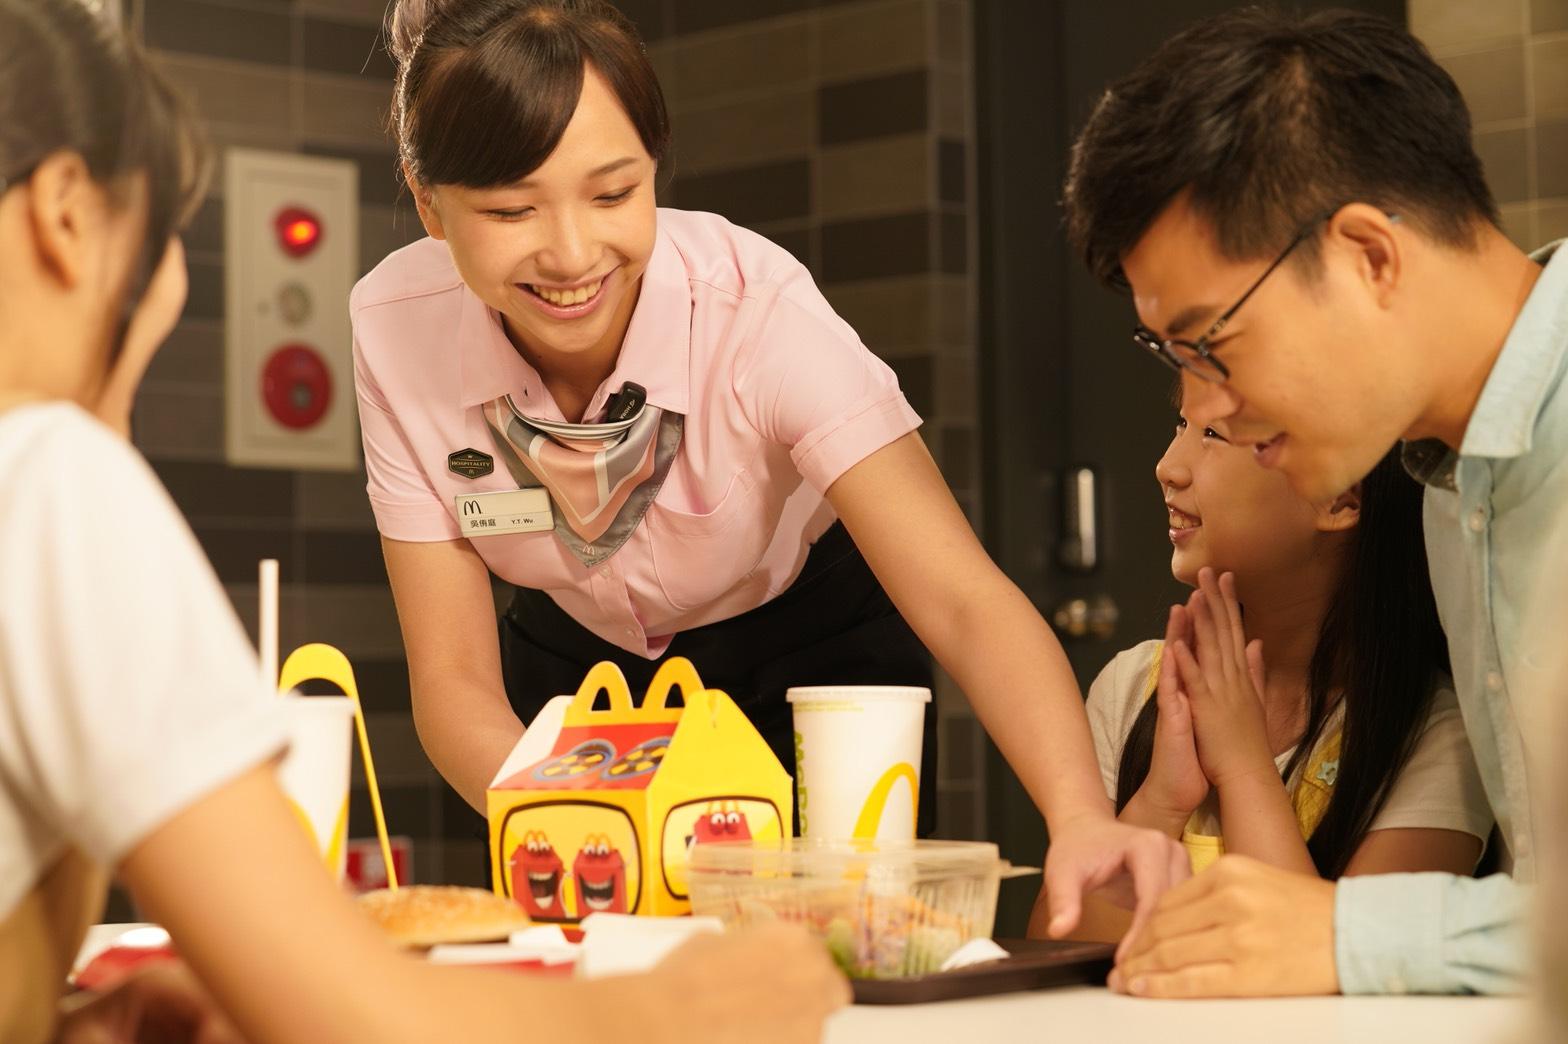 餐飲業王品、星巴克、麥當勞都上榜Cheers Top 100-幸福企業